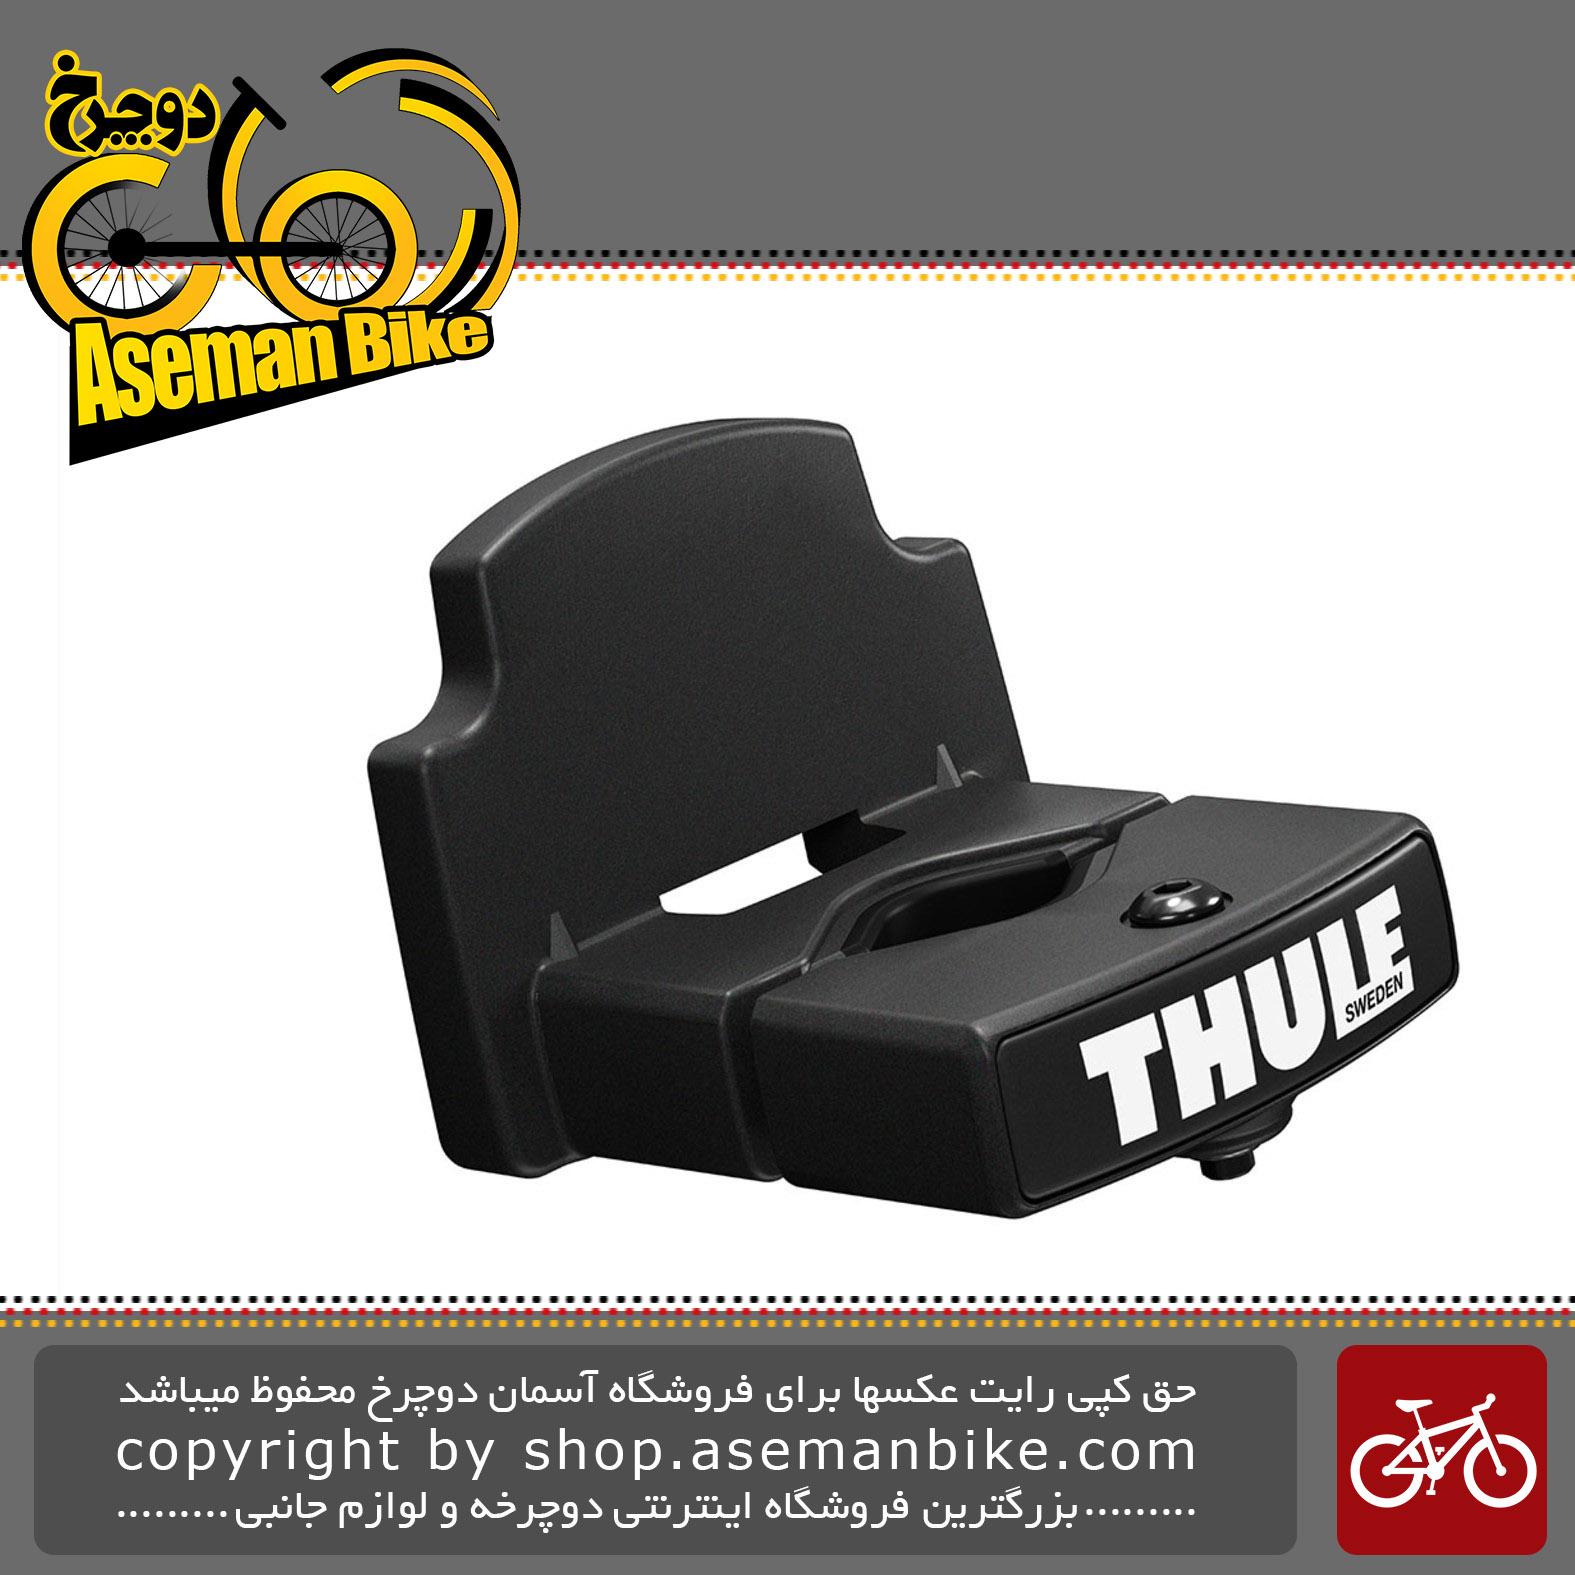 آداپتور تبدیل جهت نگه داشتن صندلی کودک بر روی ترکبند دوچرخه تول مدل راید الانگ Thule Ridealong Mini Release Bracket